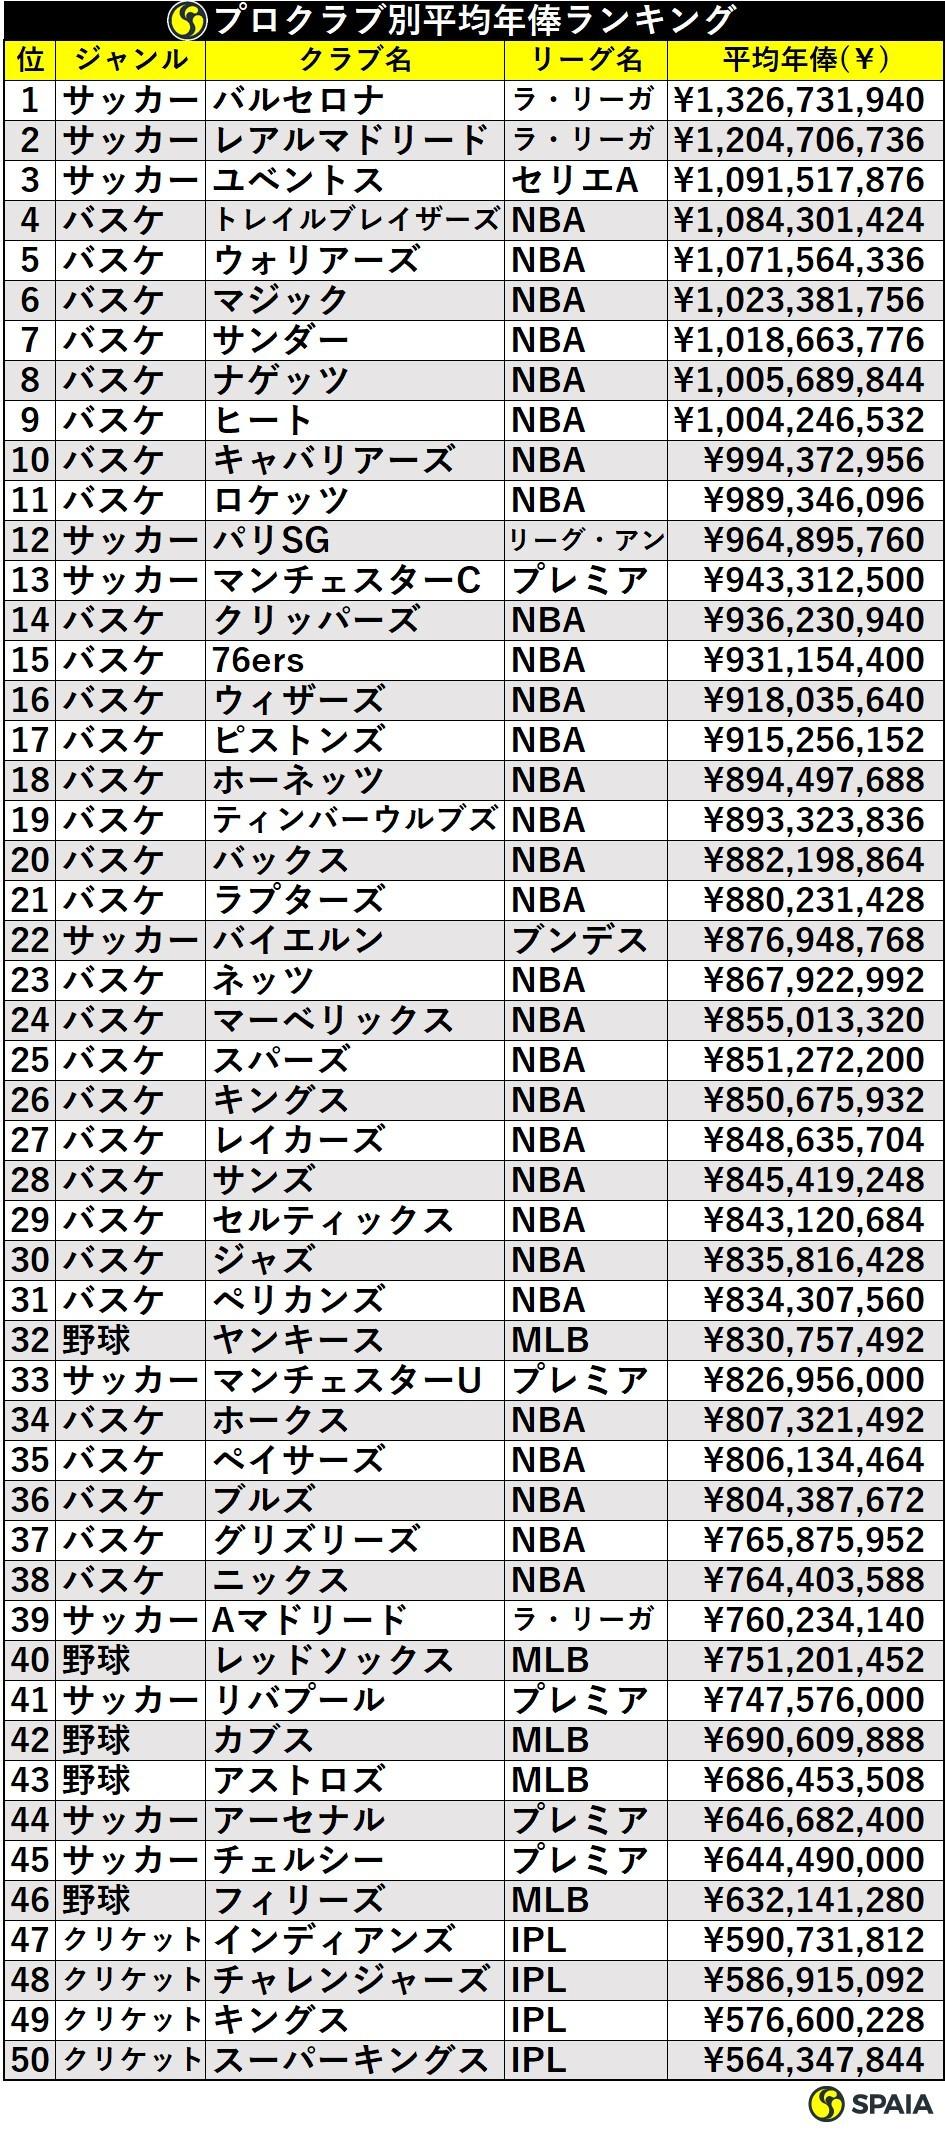 プロクラブ別平均年俸ランキング